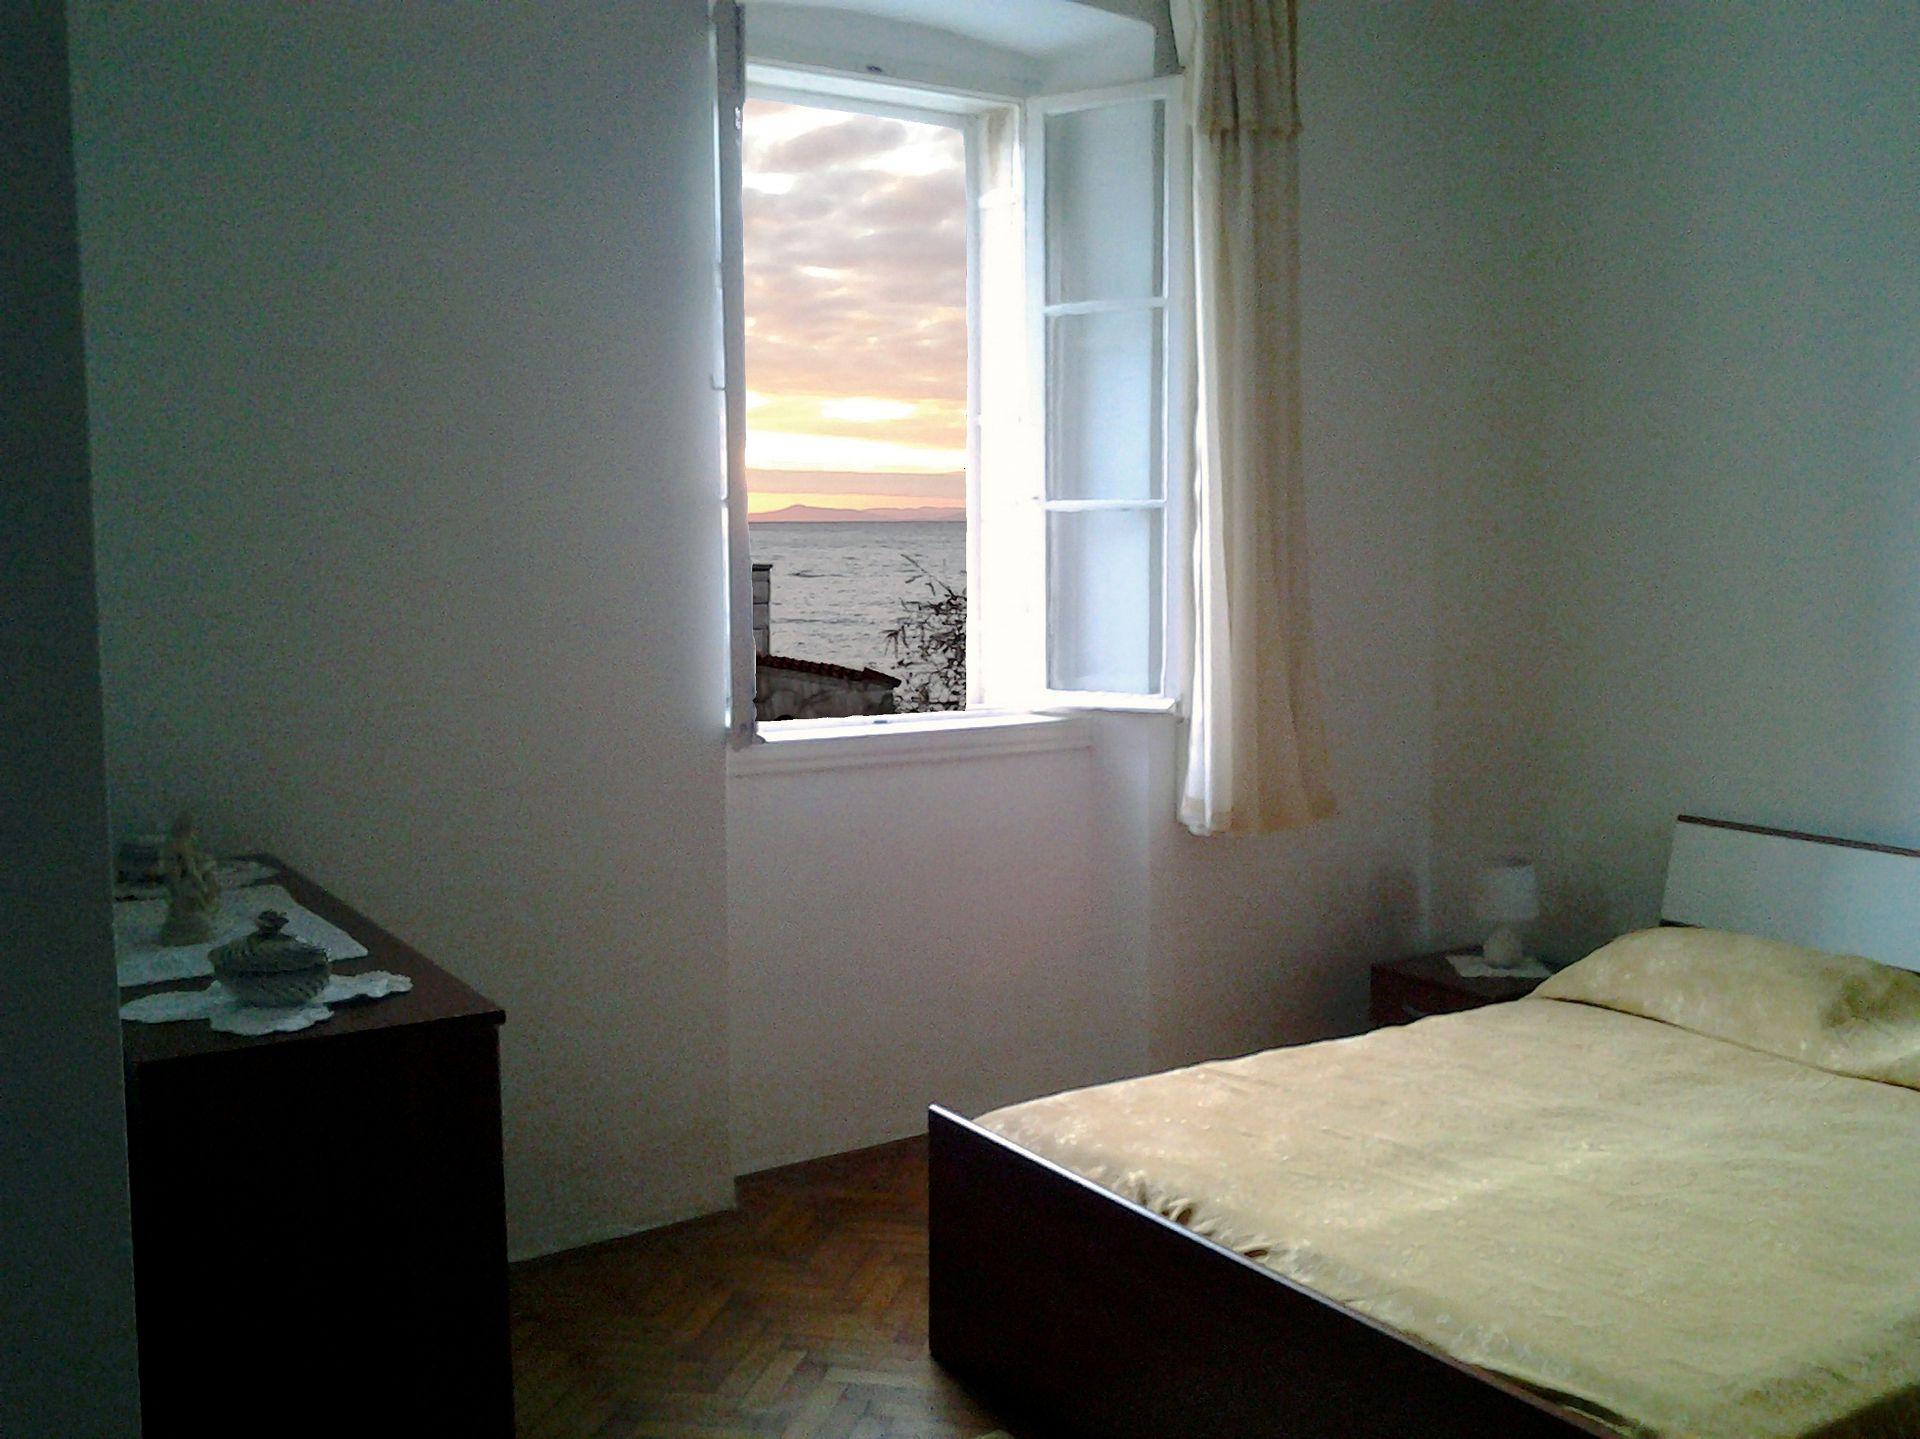 35278  - Sutivan - Appartements Croatie - A1(4+2): chambre à coucher